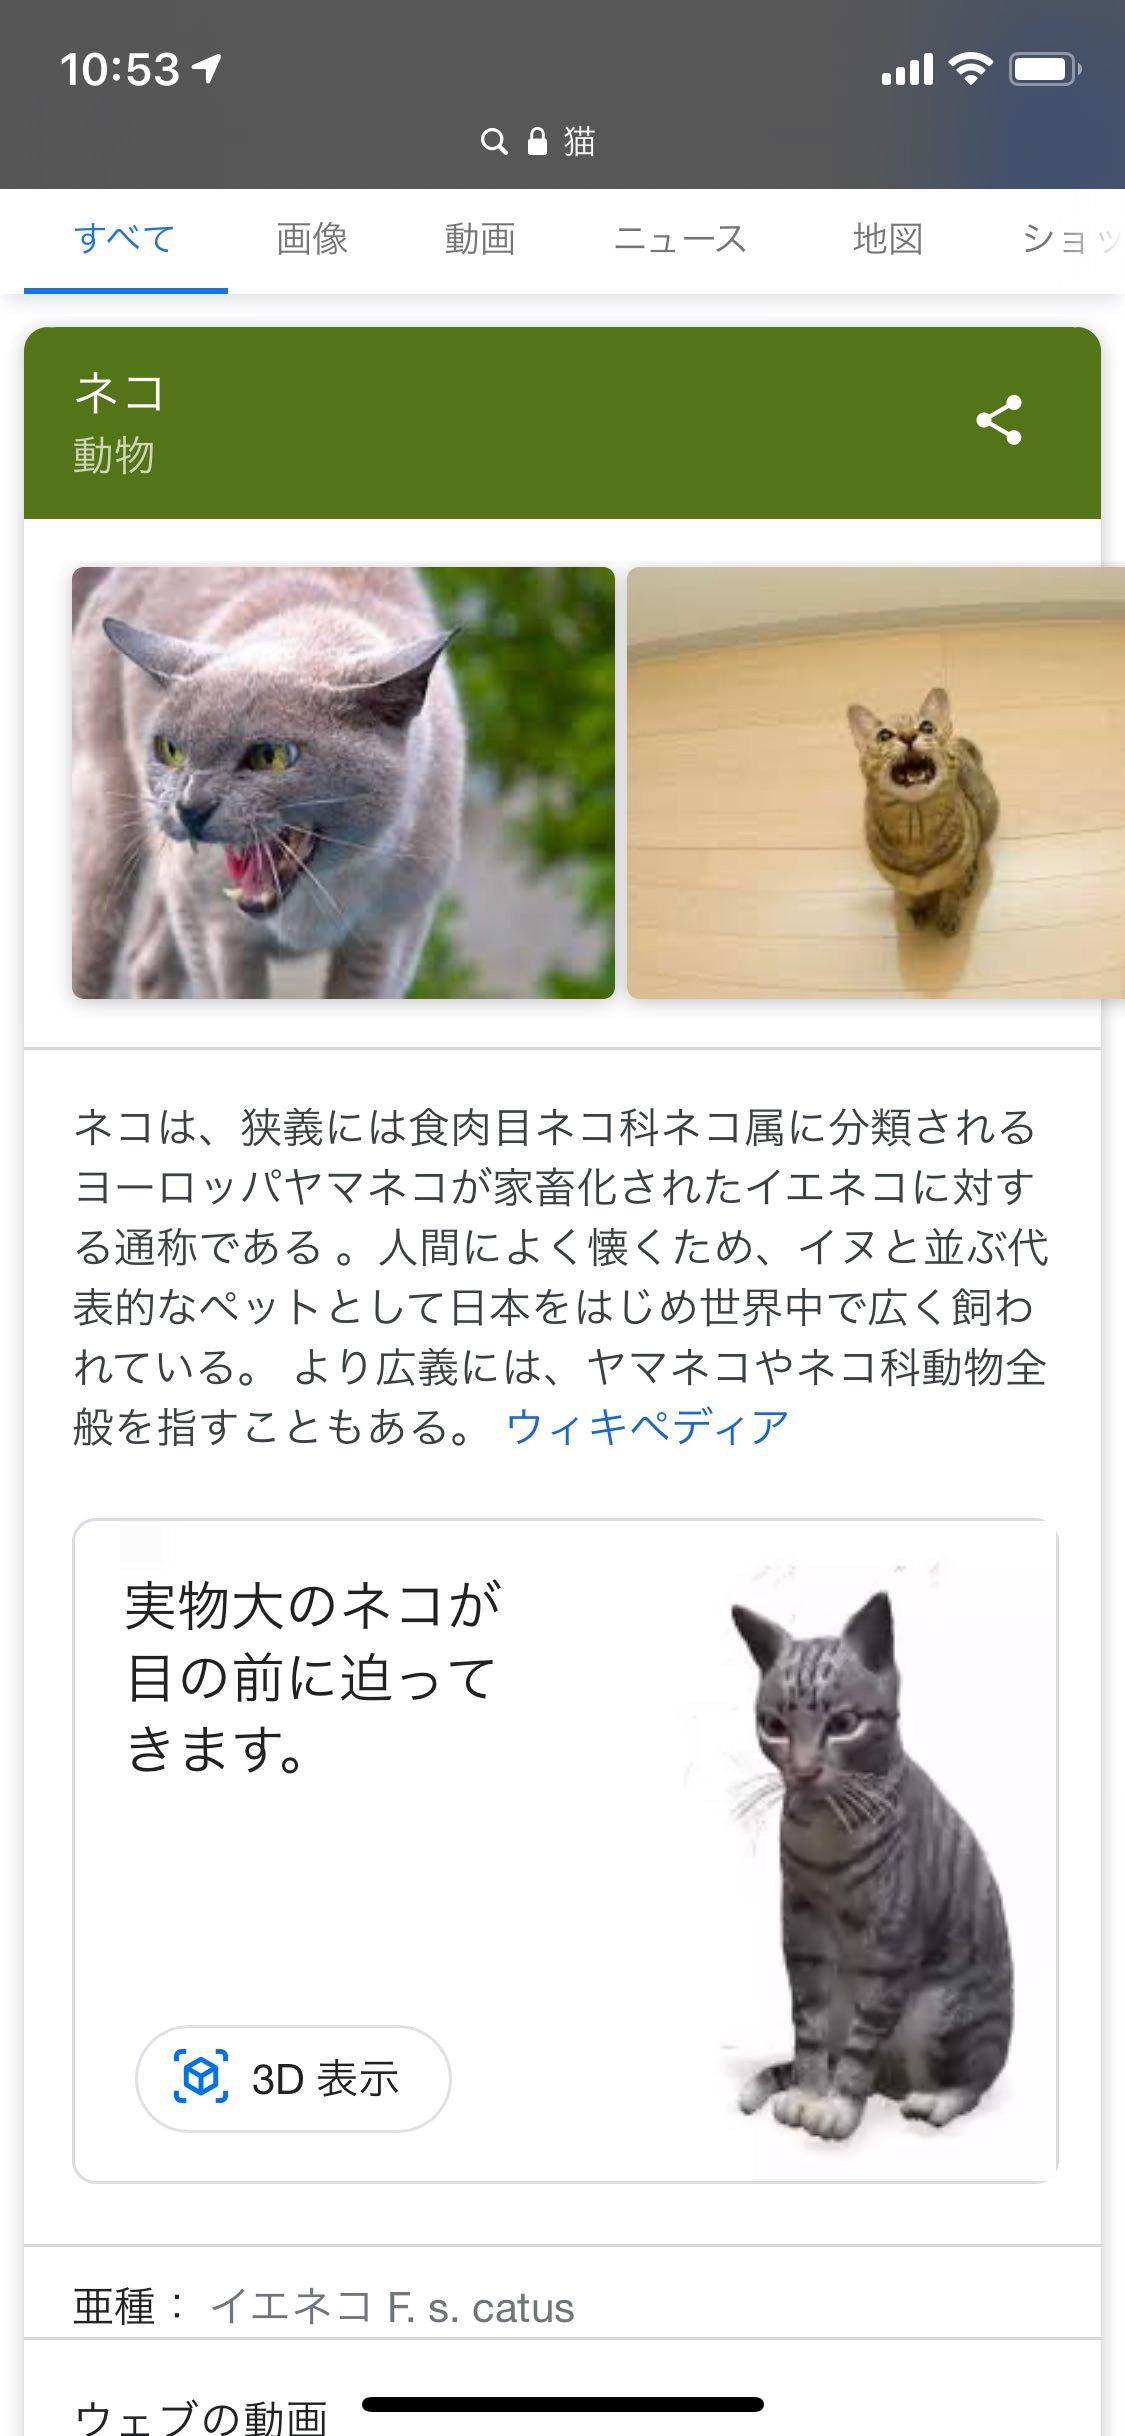 google-ar-animal-2